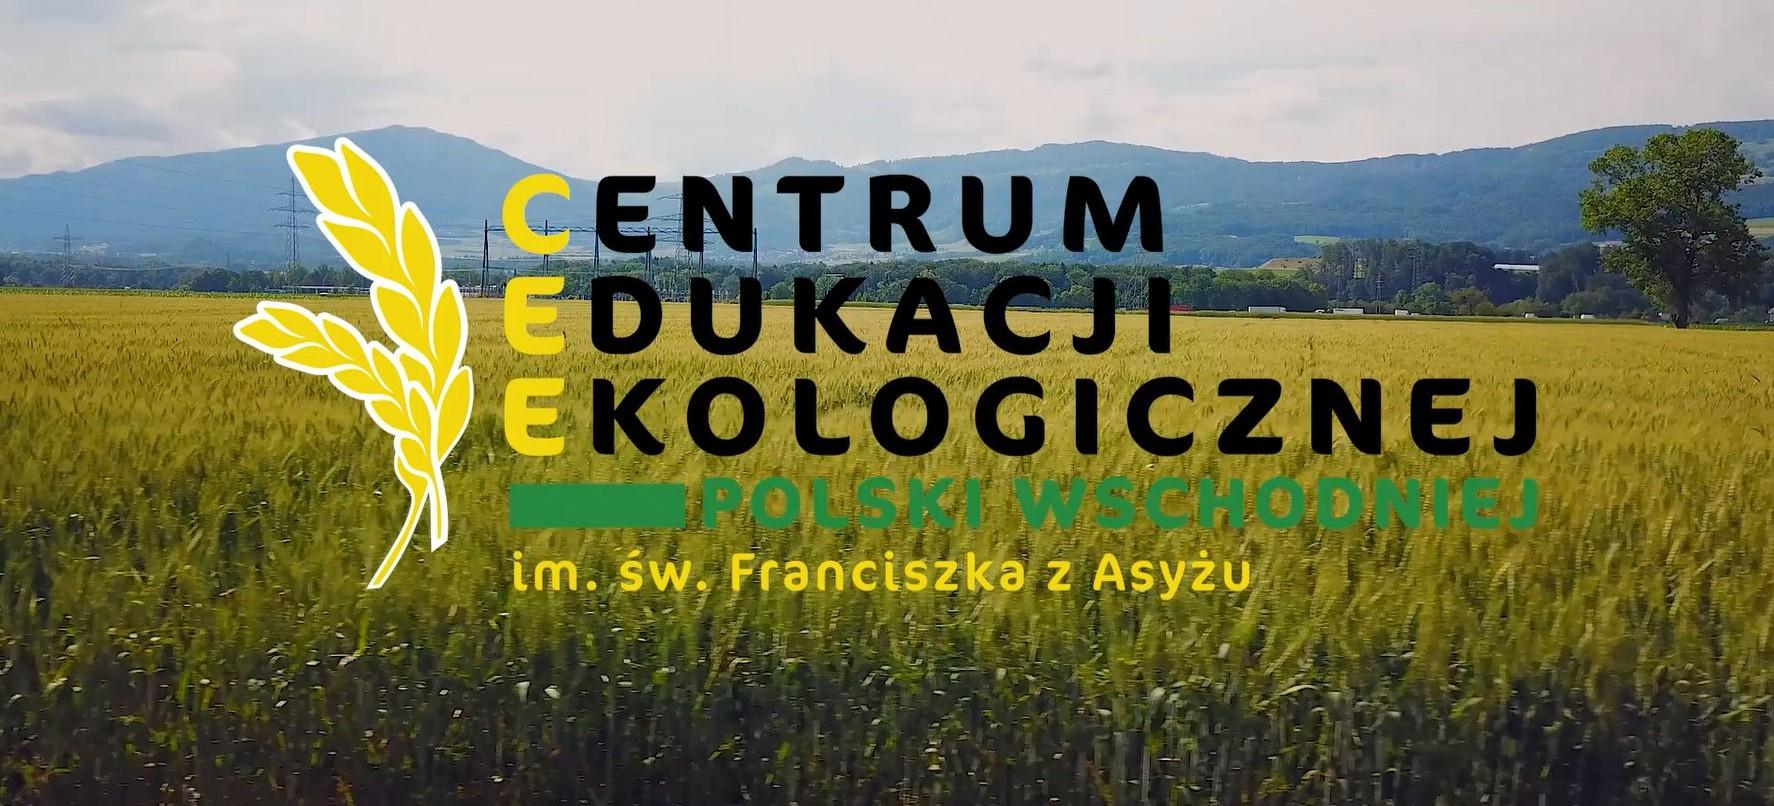 Pierwsza taka szkoła na Podkarpaciu. Centrum Edukacji Ekologicznej Polski Wschodniej (FILM)